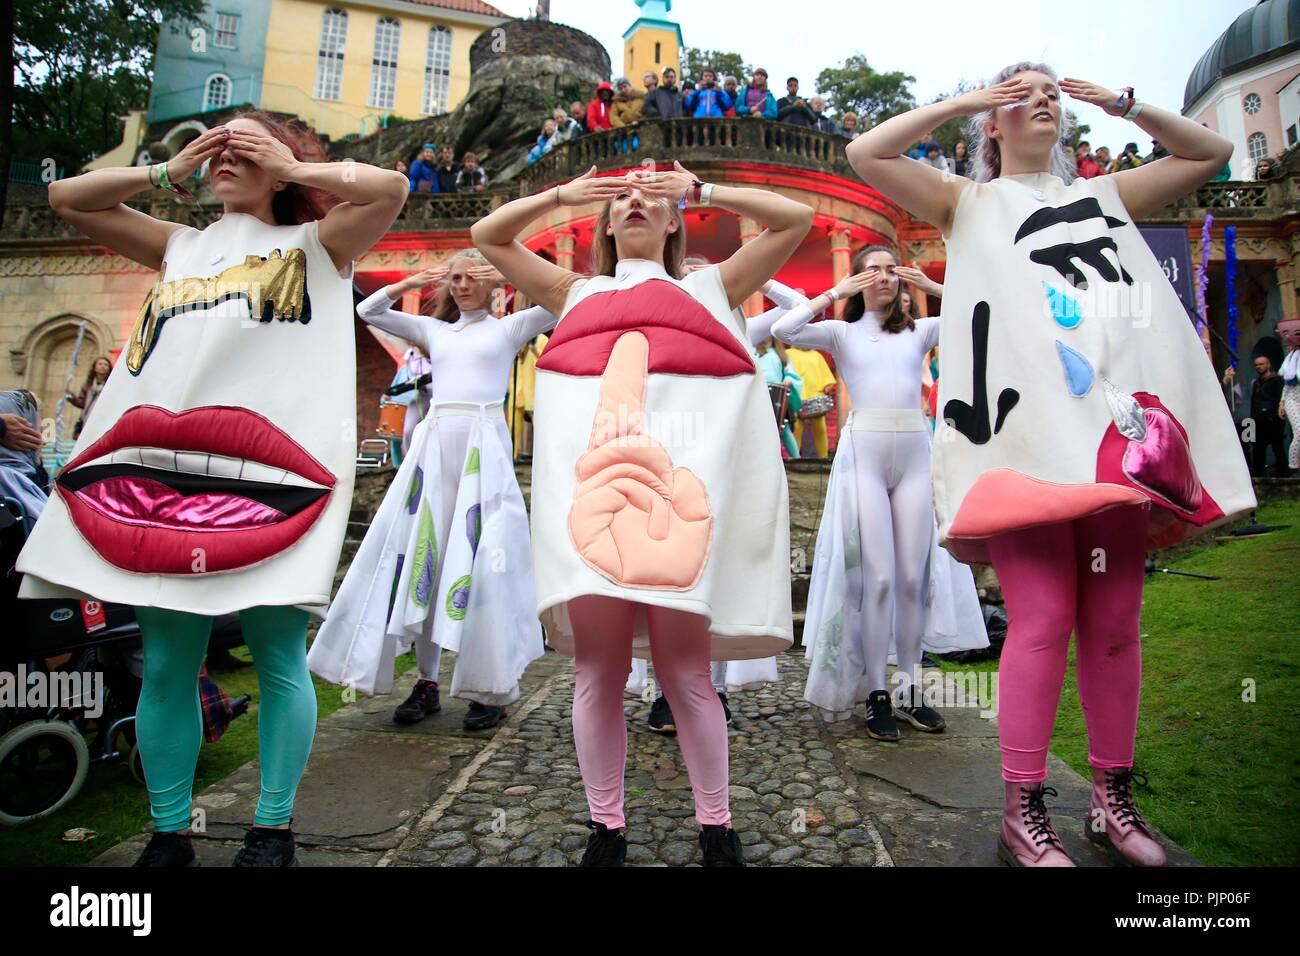 No 6 Festival Portmeirion Stock Photo